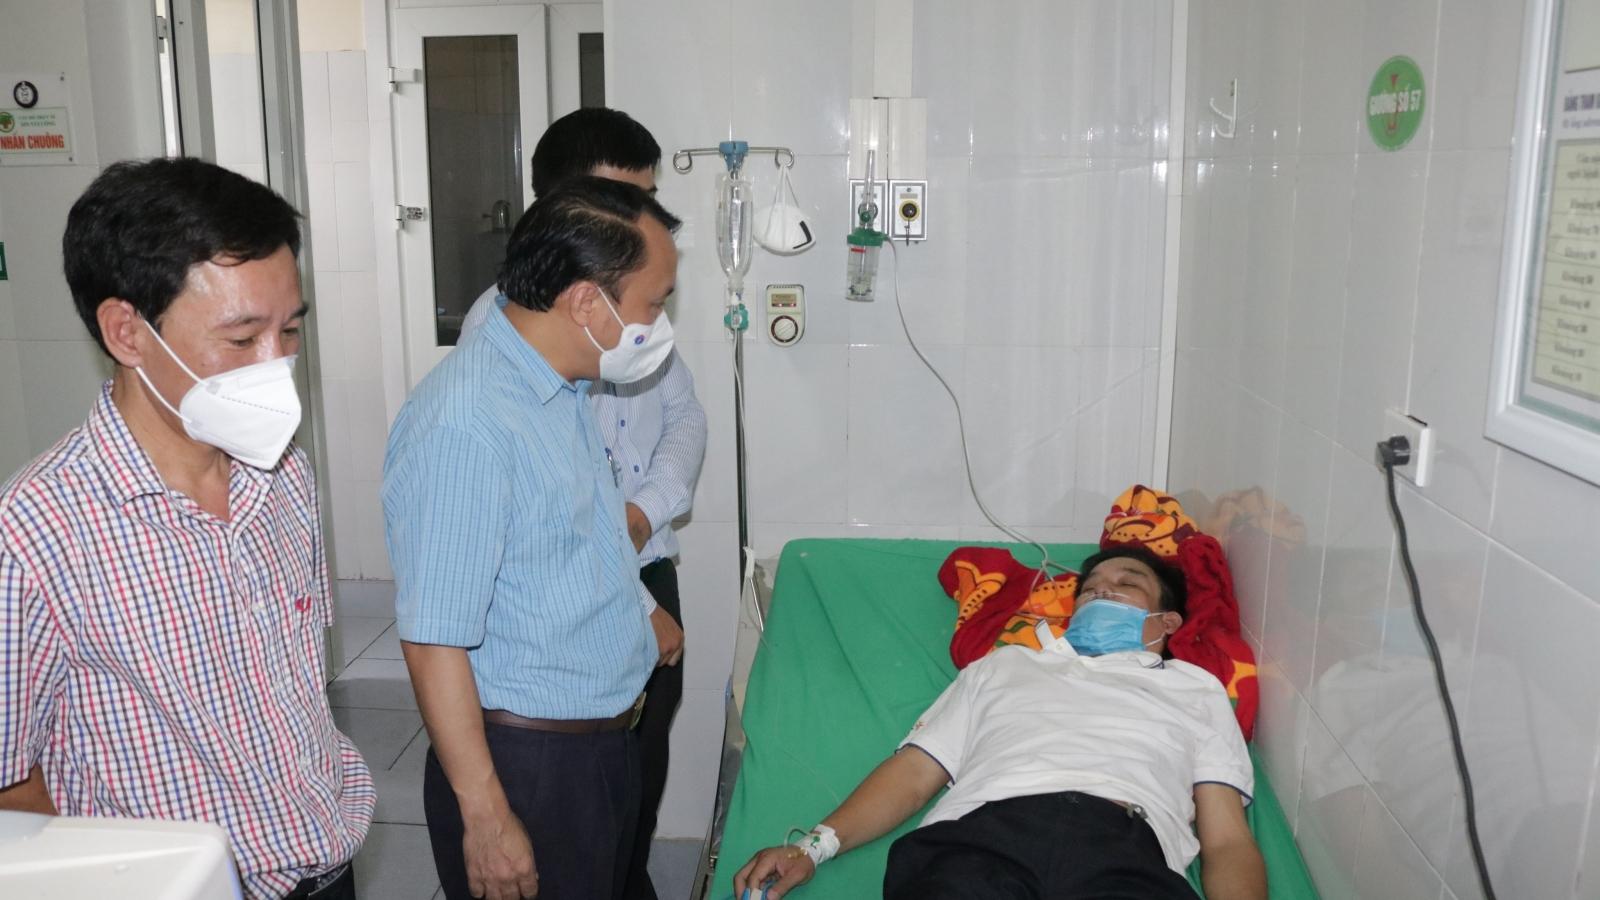 GĐ Trung tâm y tế TP Vinh kiệt sức, phải thở ô xy sau nhiều đêm thức trắng chống Covid-19